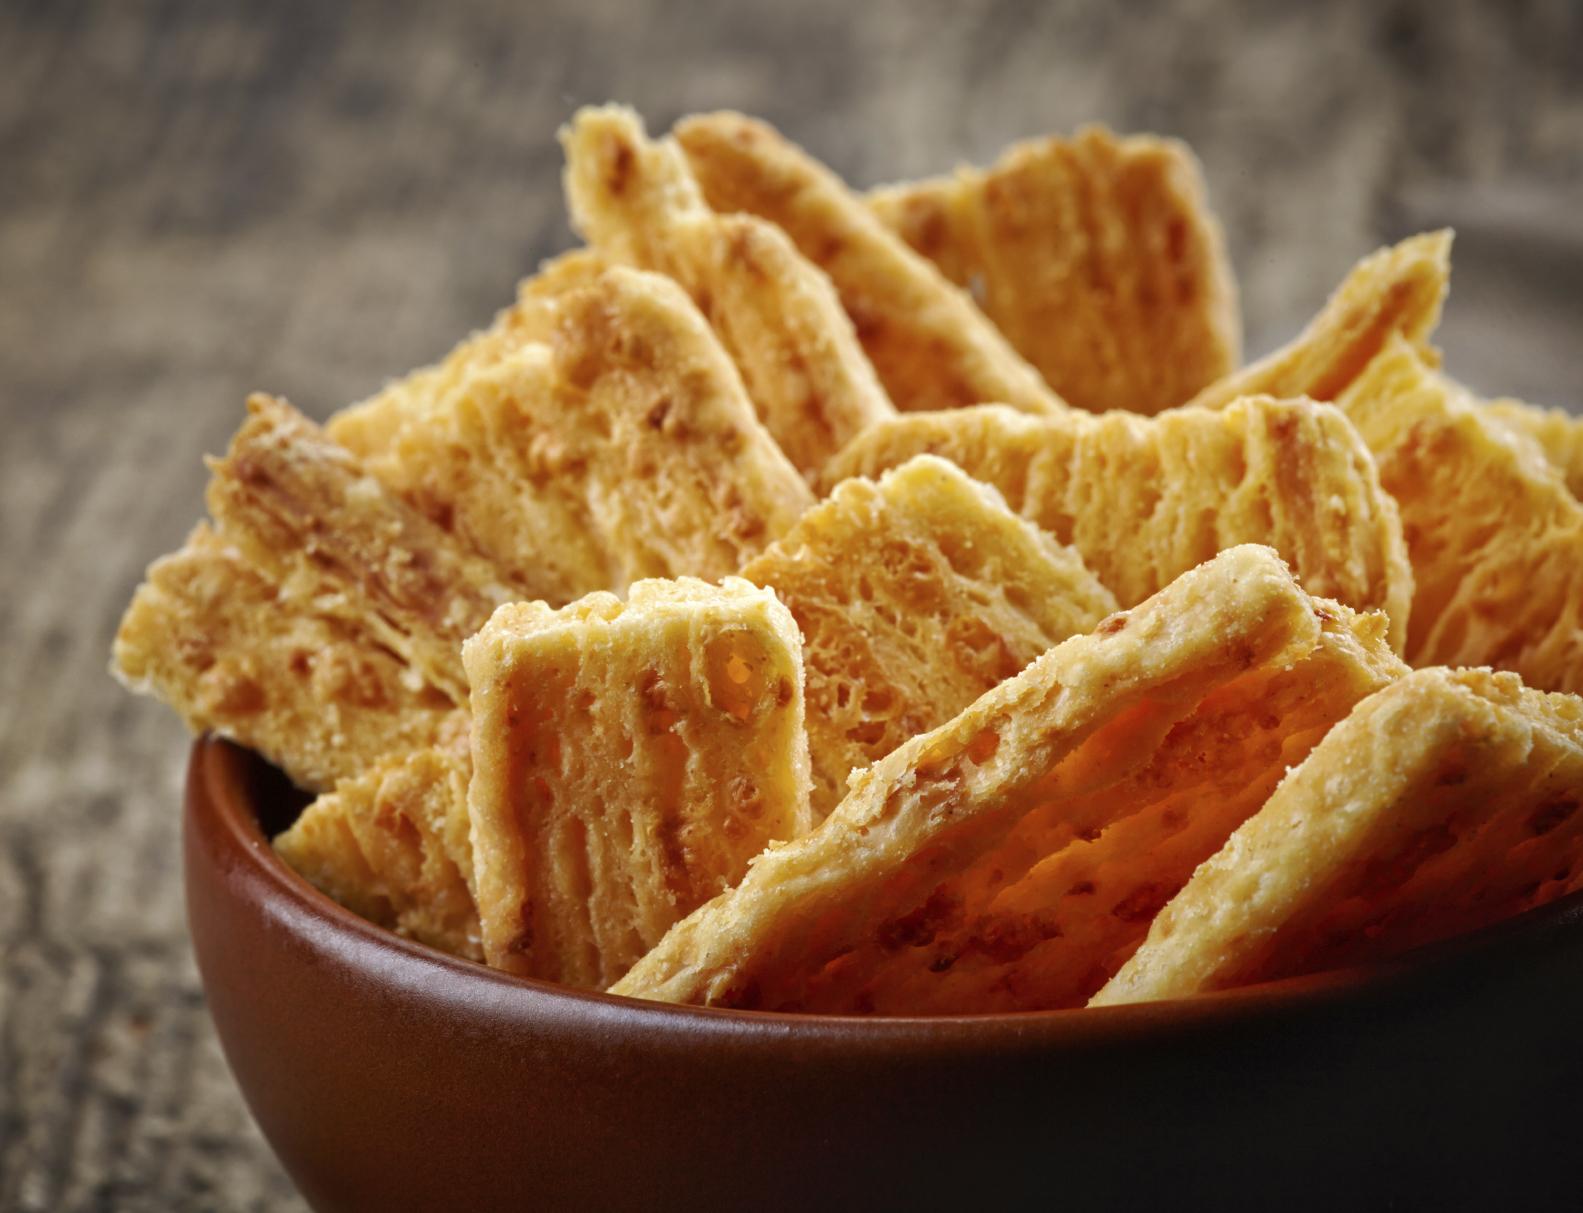 Galletas de queso emmental